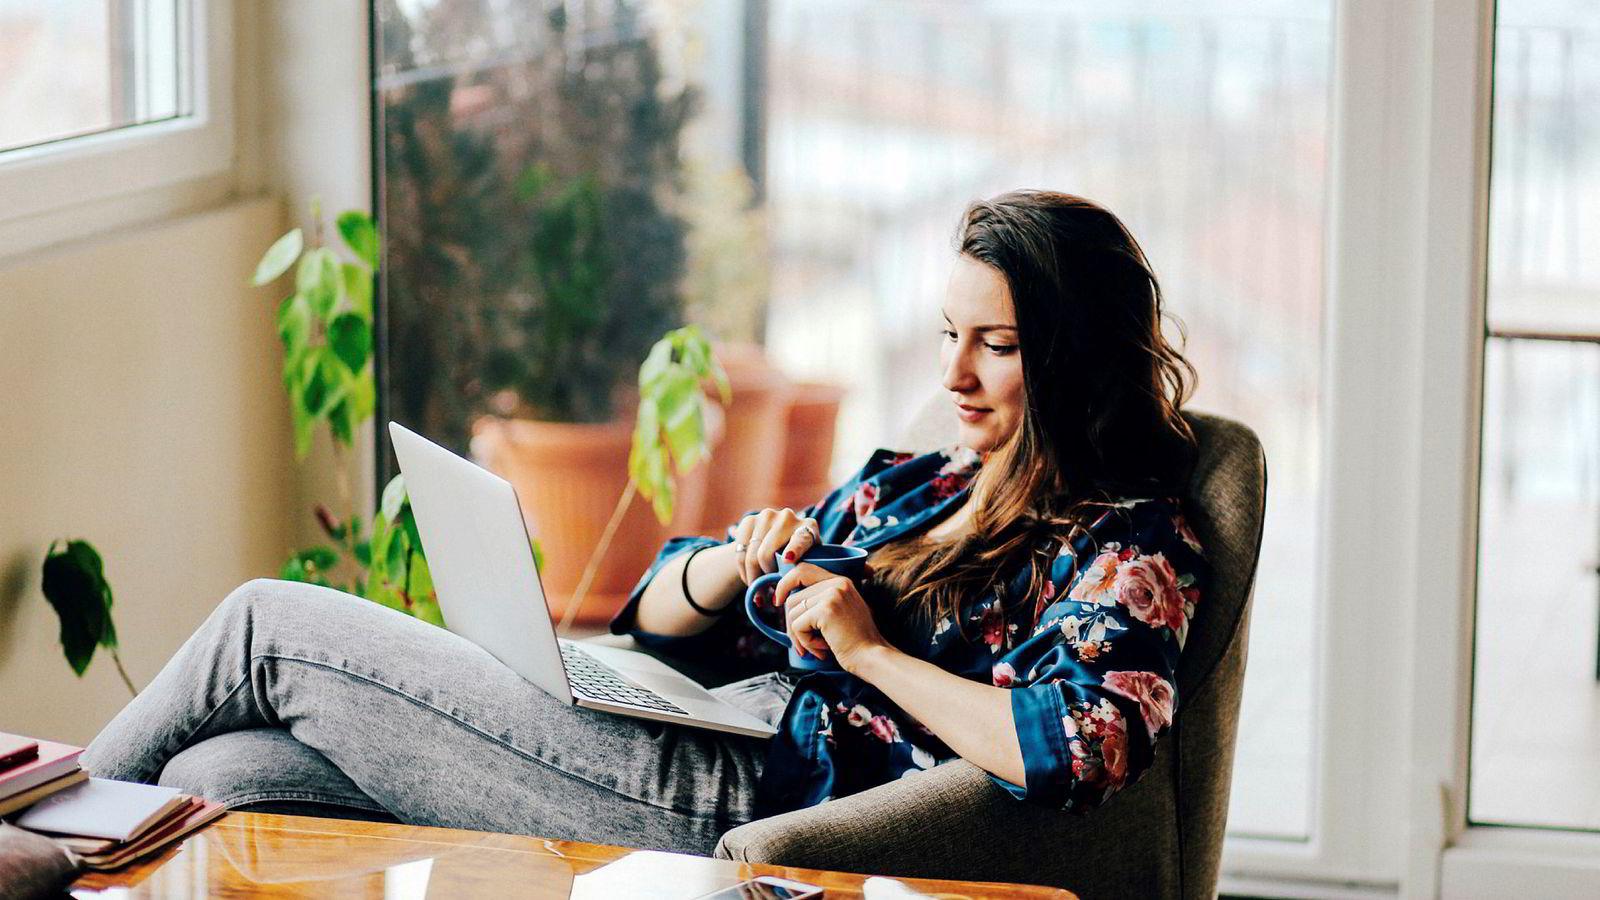 Ledere må tenke nytt om hvordan de når sine medarbeidere, dersom flere og flere velger å jobbe fra andre lokasjoner enn kontoret, skriver artikkelforfatteren.